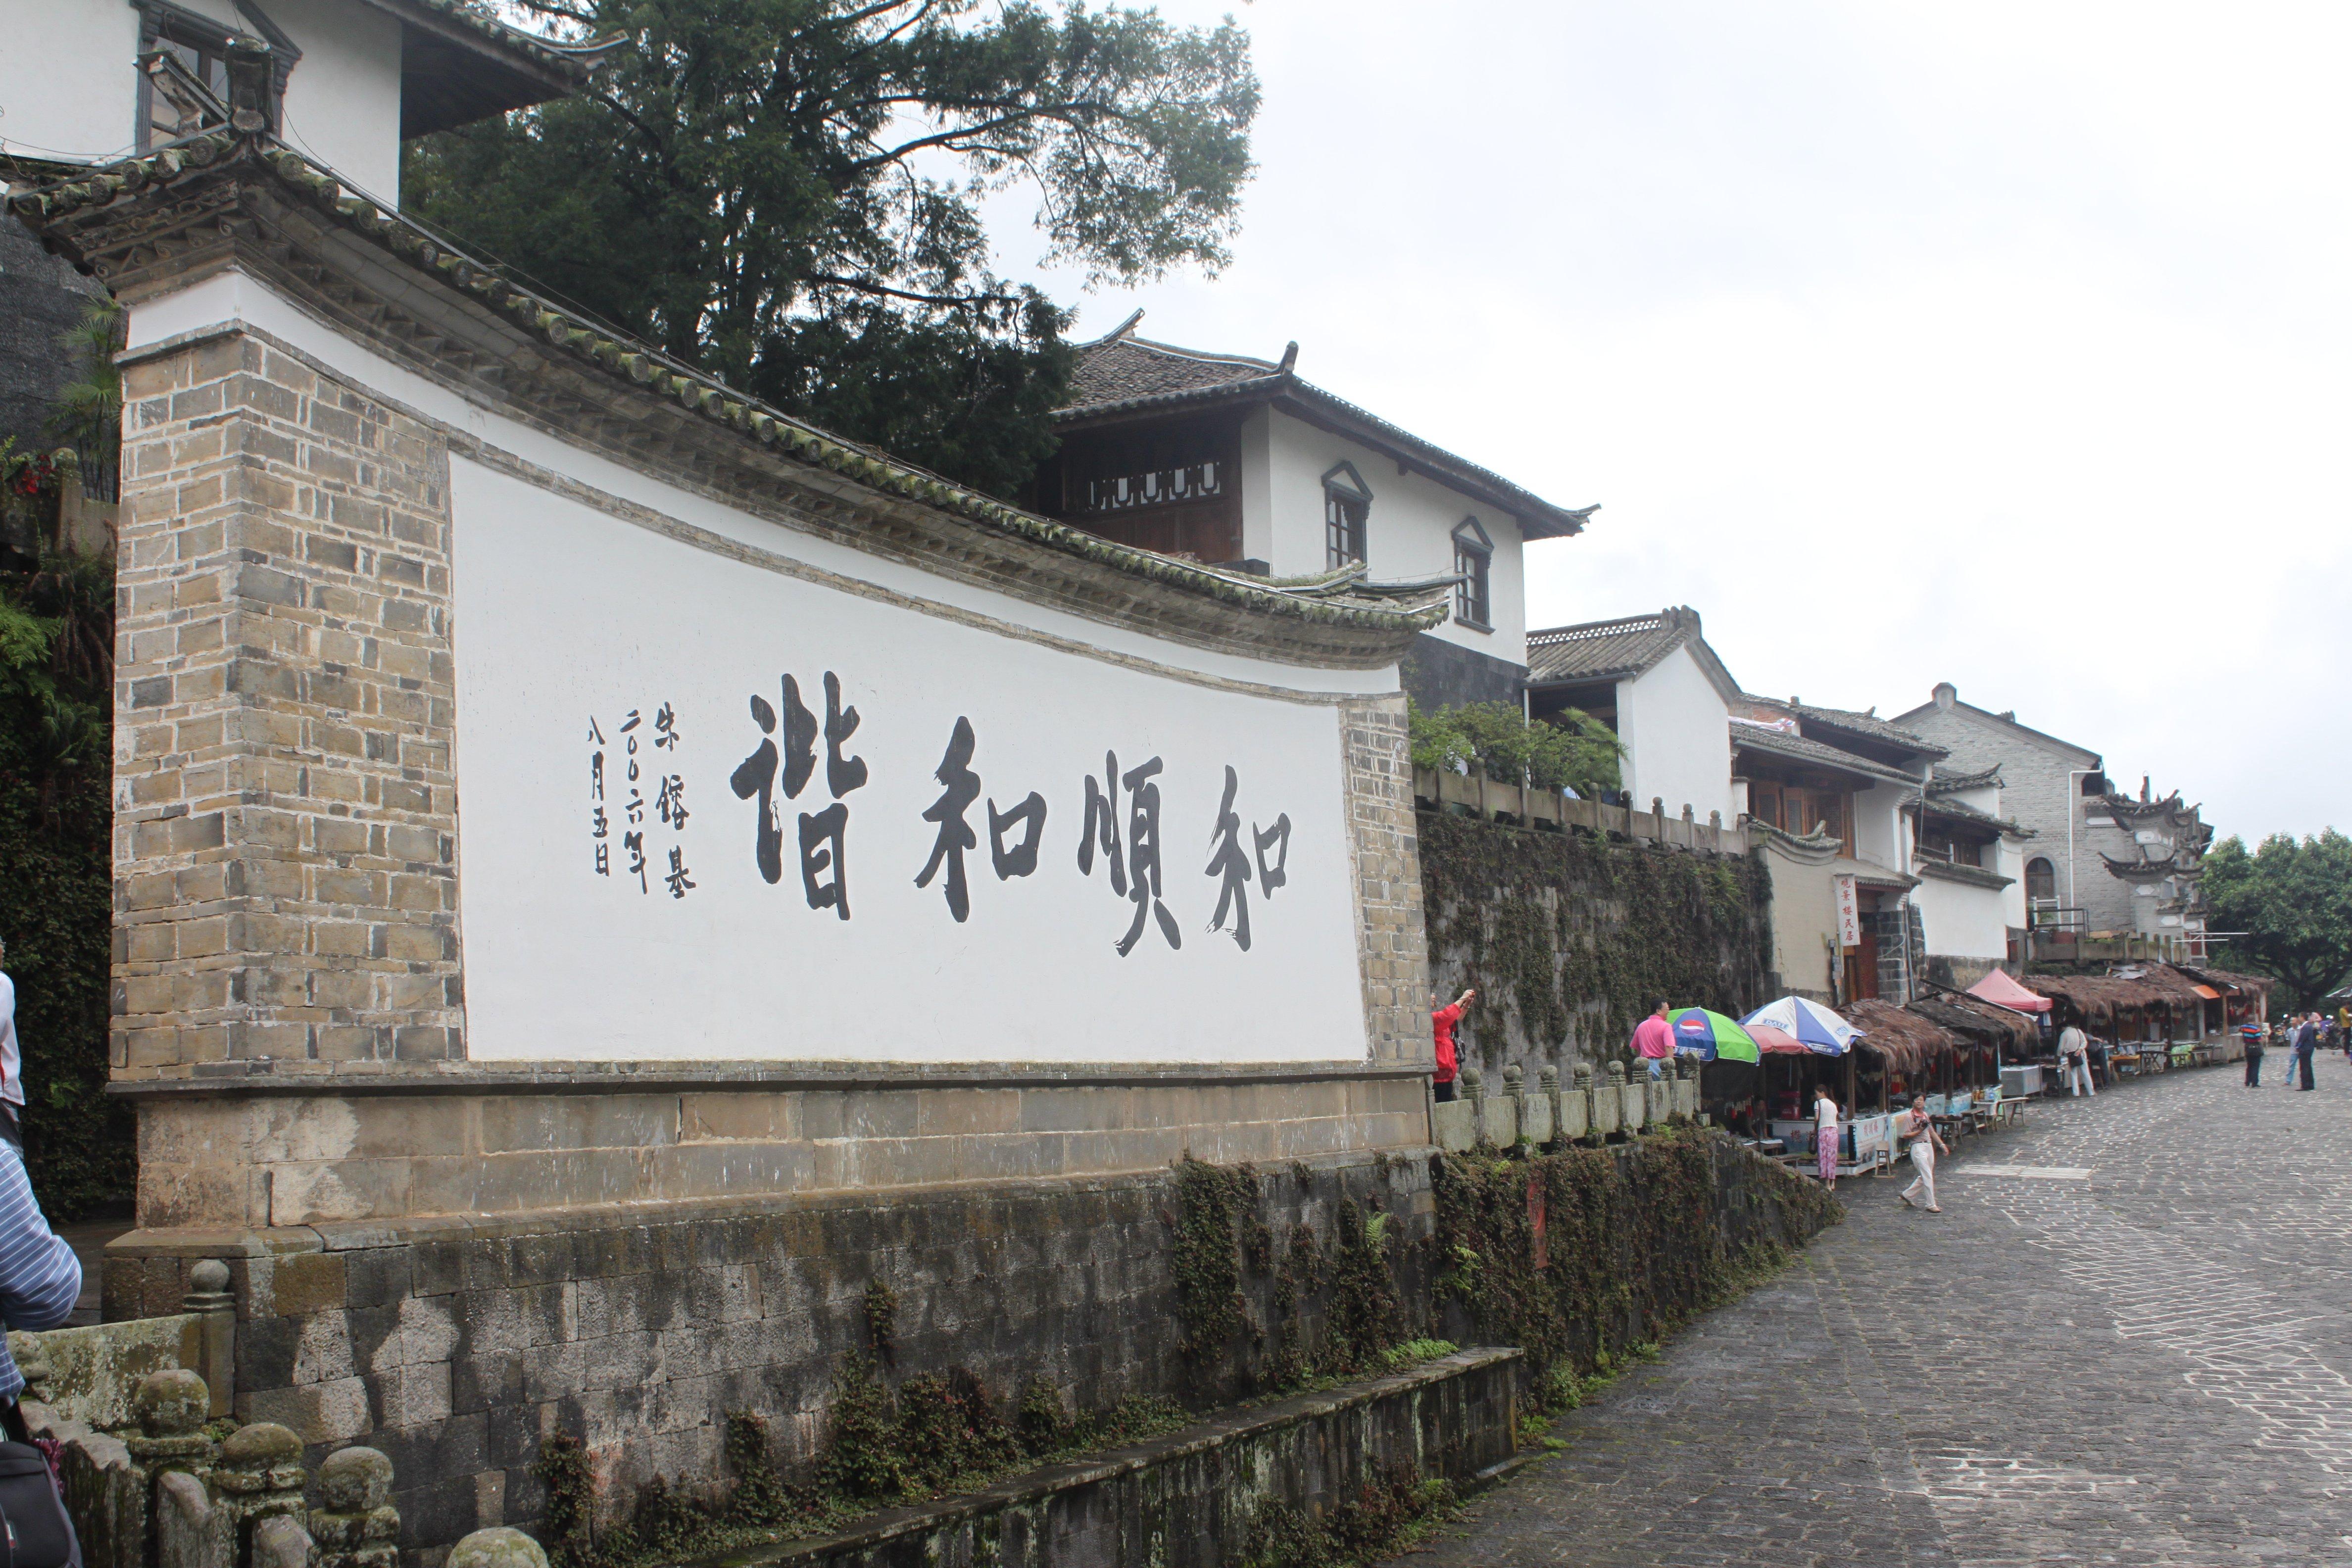 滇缅抗战博物馆,和顺小巷